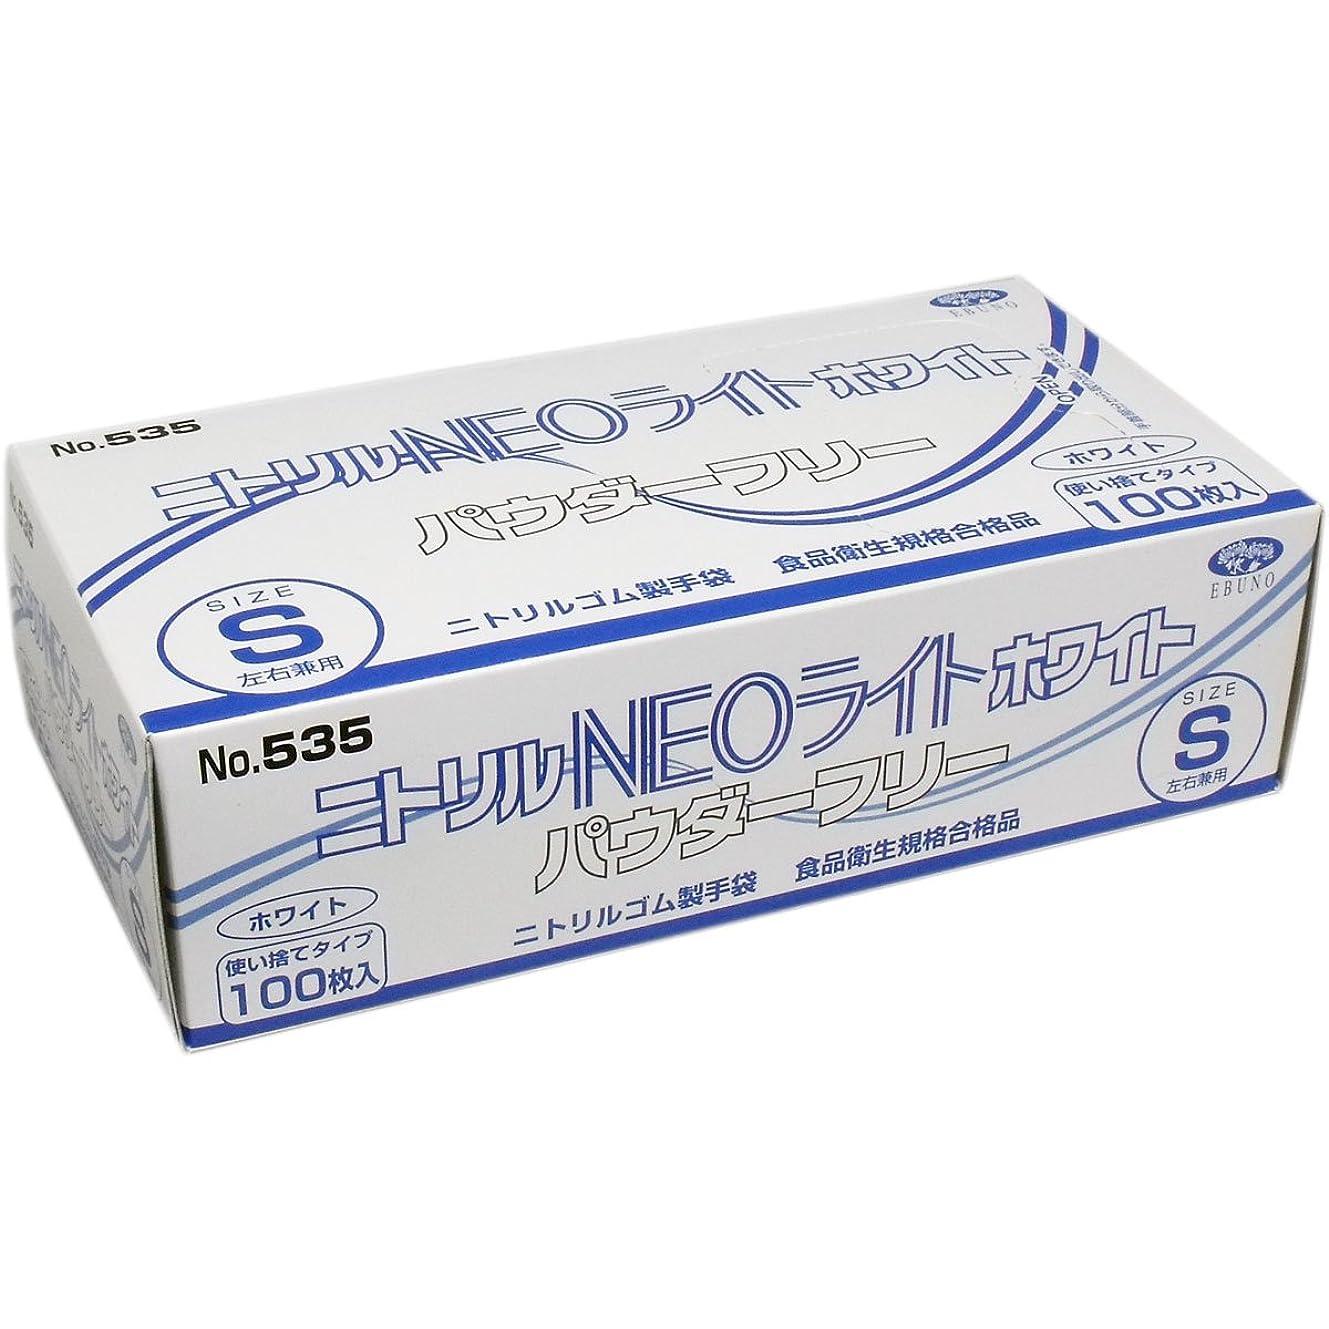 うまれた地球同僚ニトリル手袋 NEOライト パウダーフリー ホワイト Sサイズ 100枚入【4個セット】